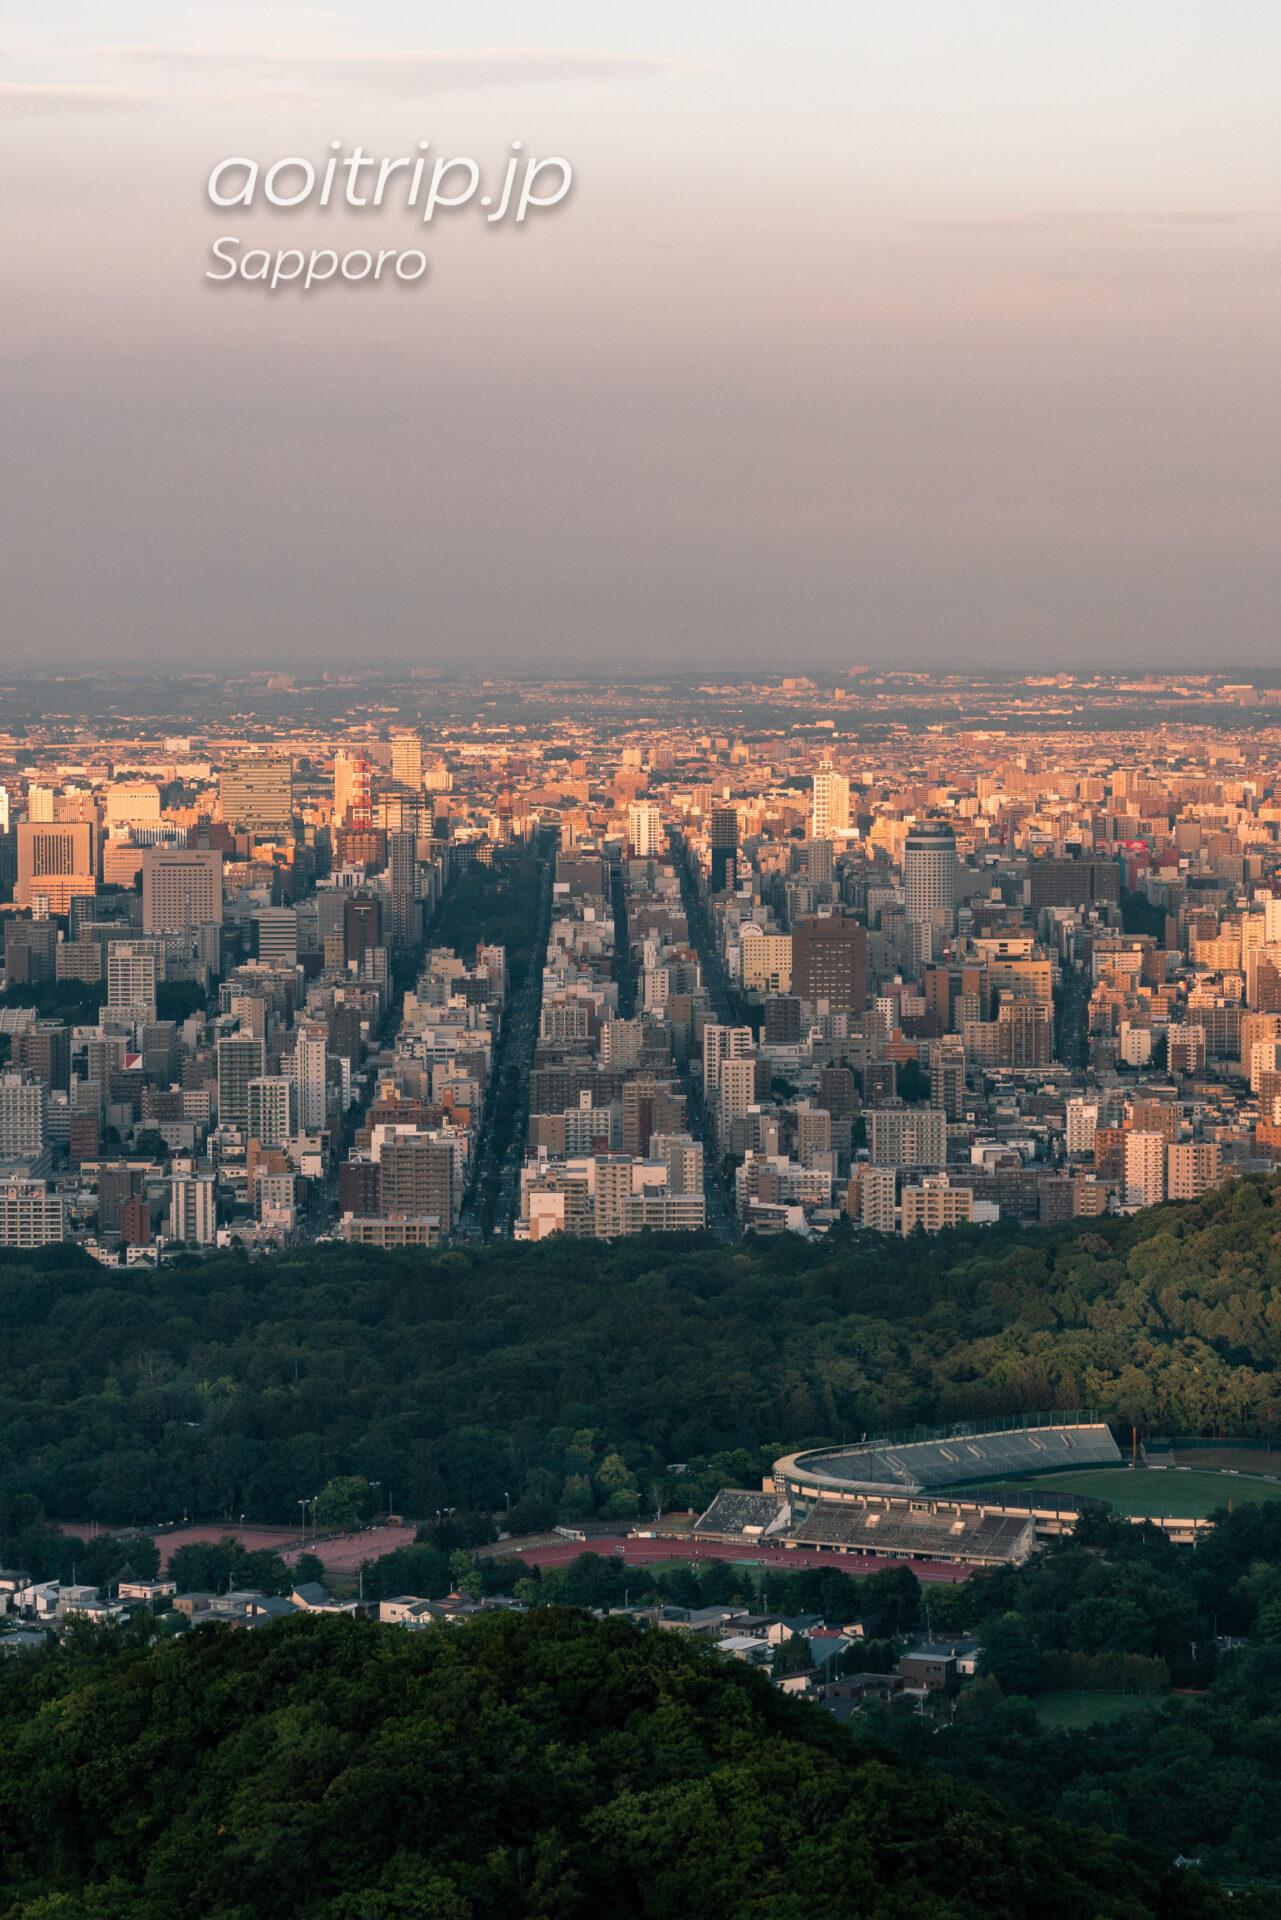 札幌 大倉山ジャンプ競技場から望む札幌の街並み・大通公園・さっぽろテレビ塔・すすきの